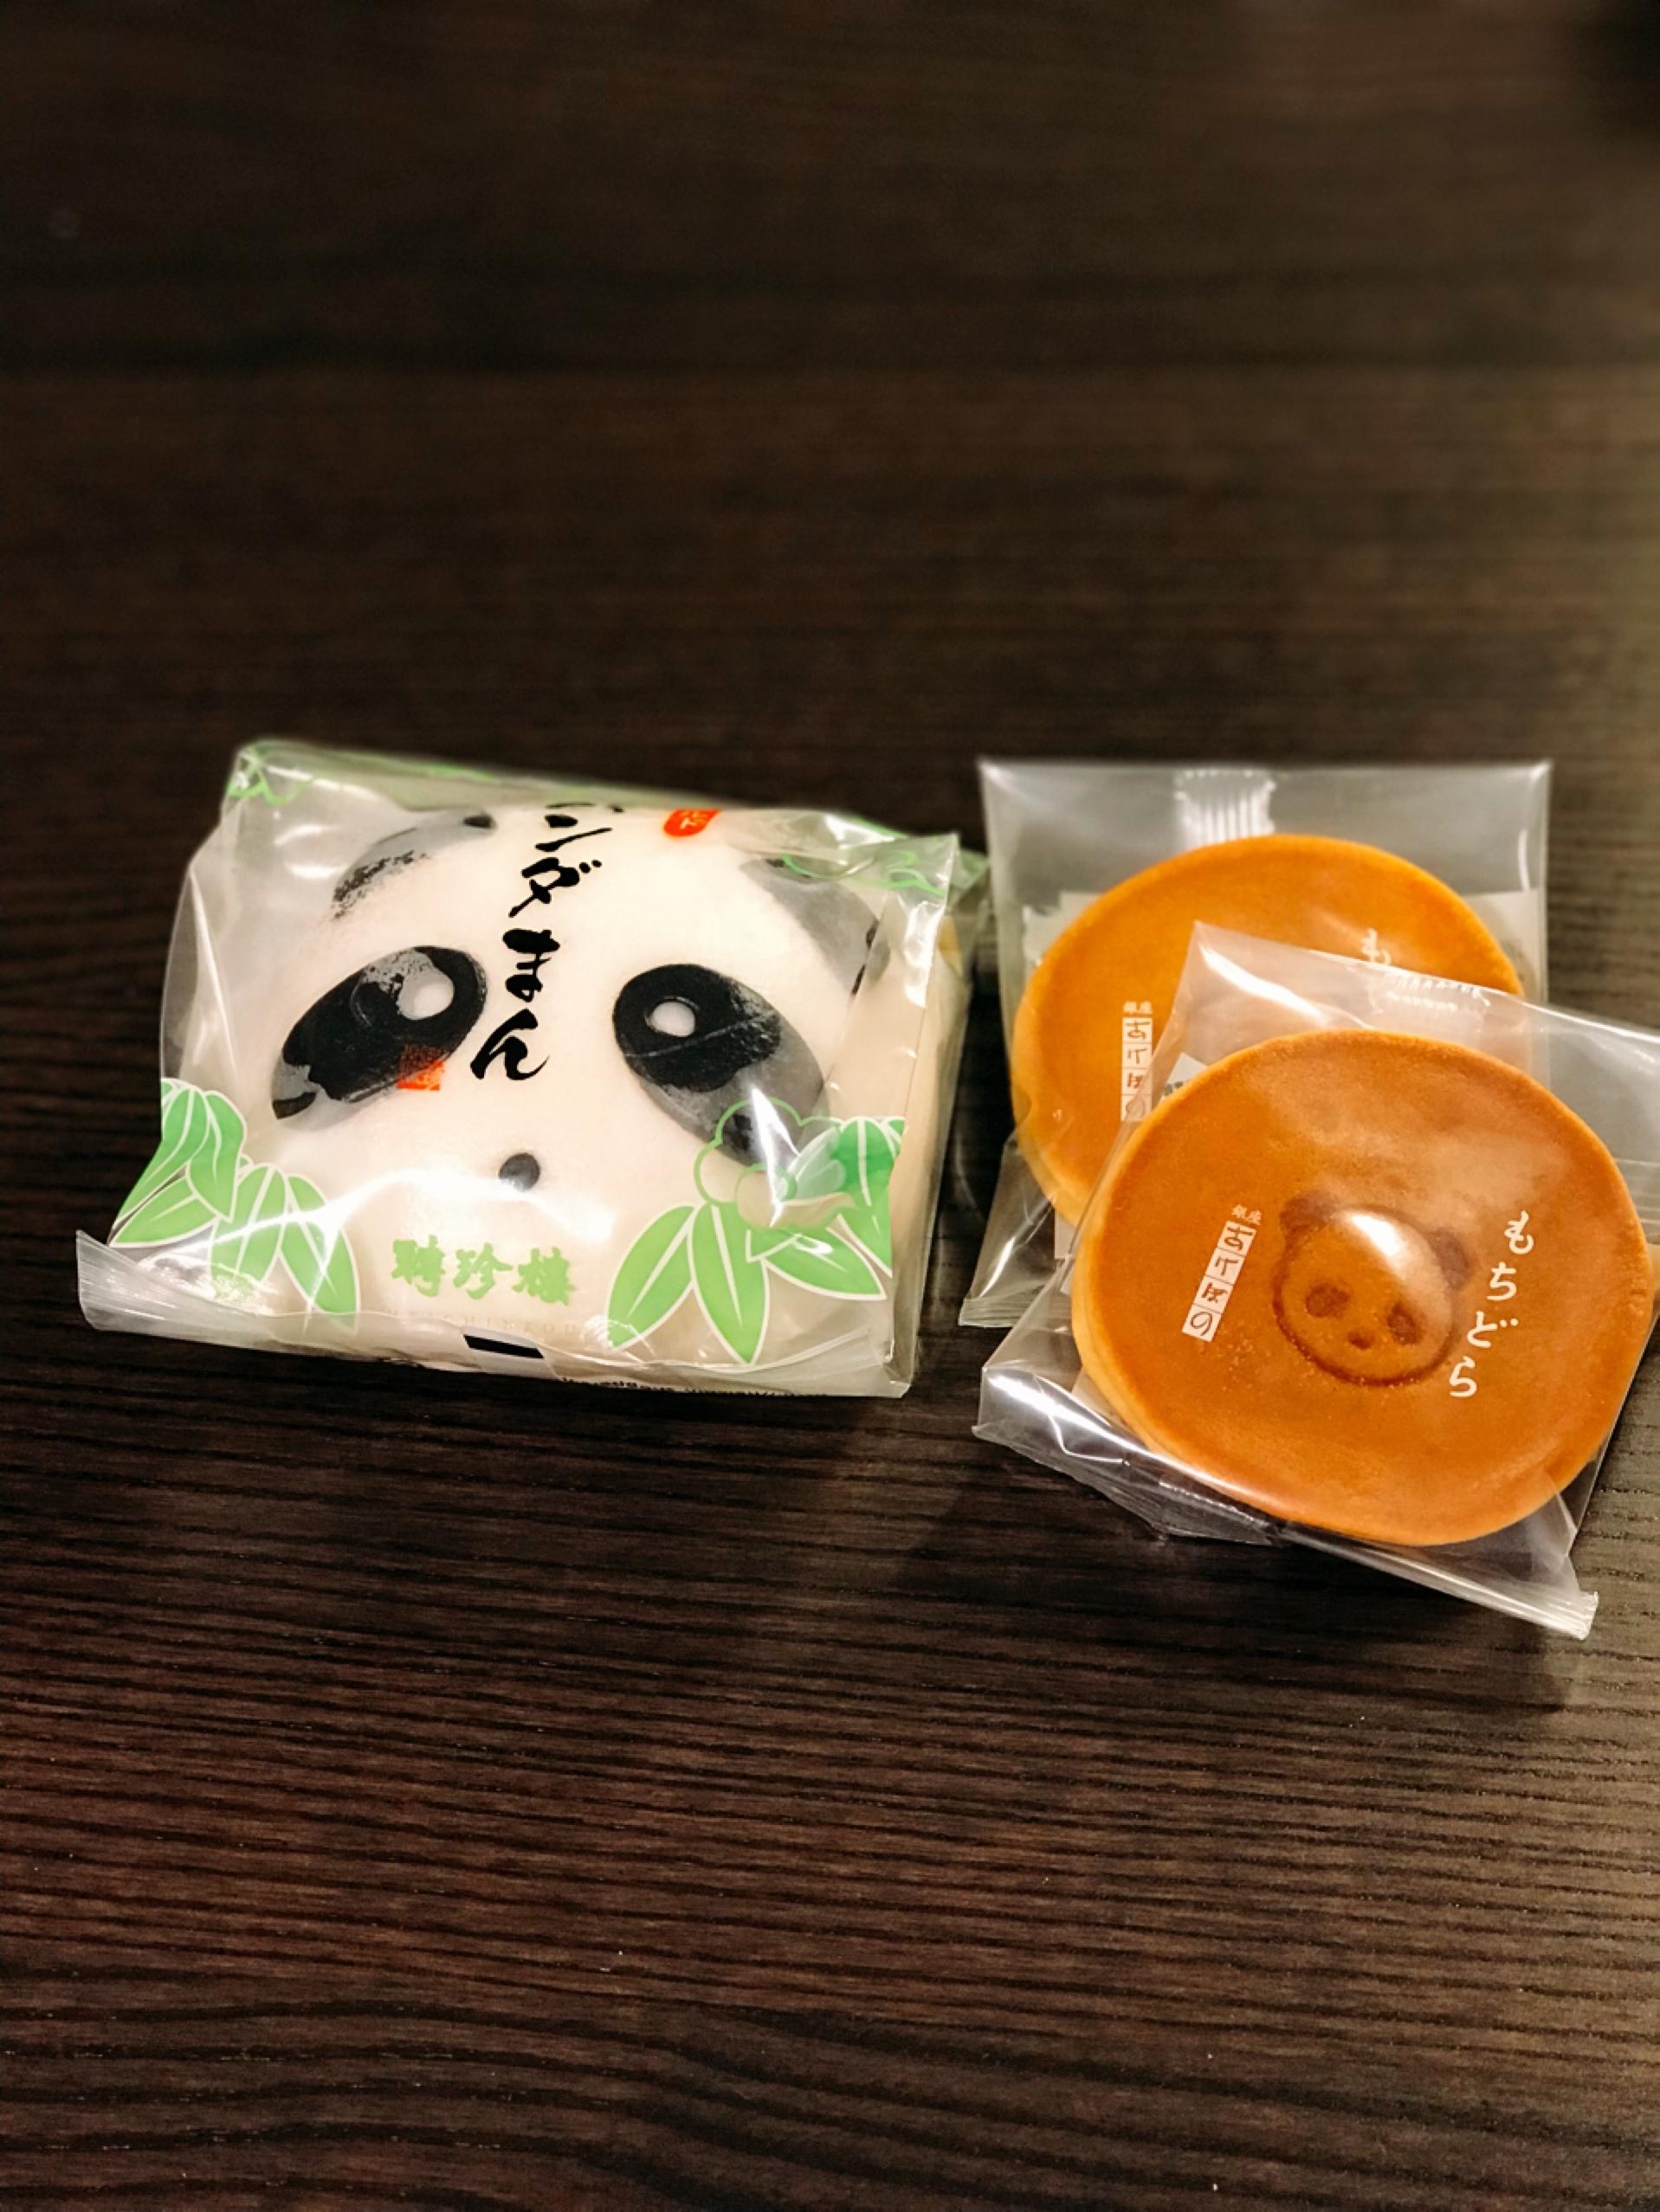 上野でお散歩② 限定パンダグッズ_1_2-2